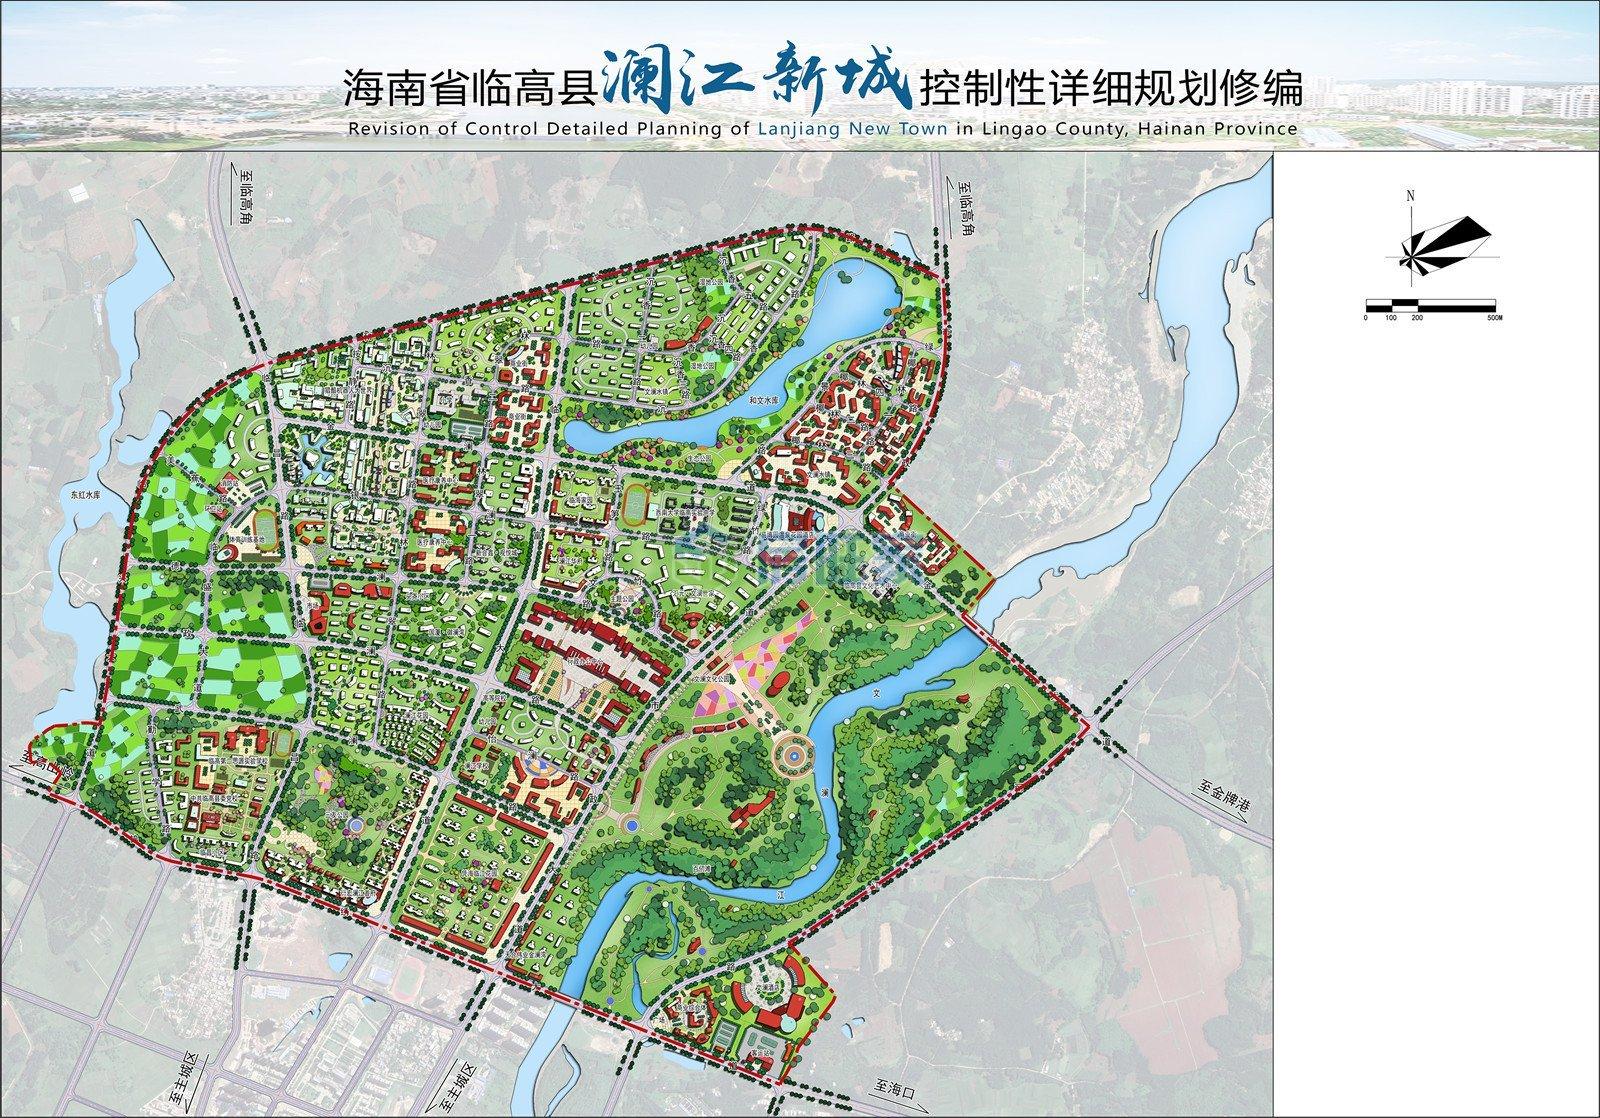 澜江新城城市设计总平面图